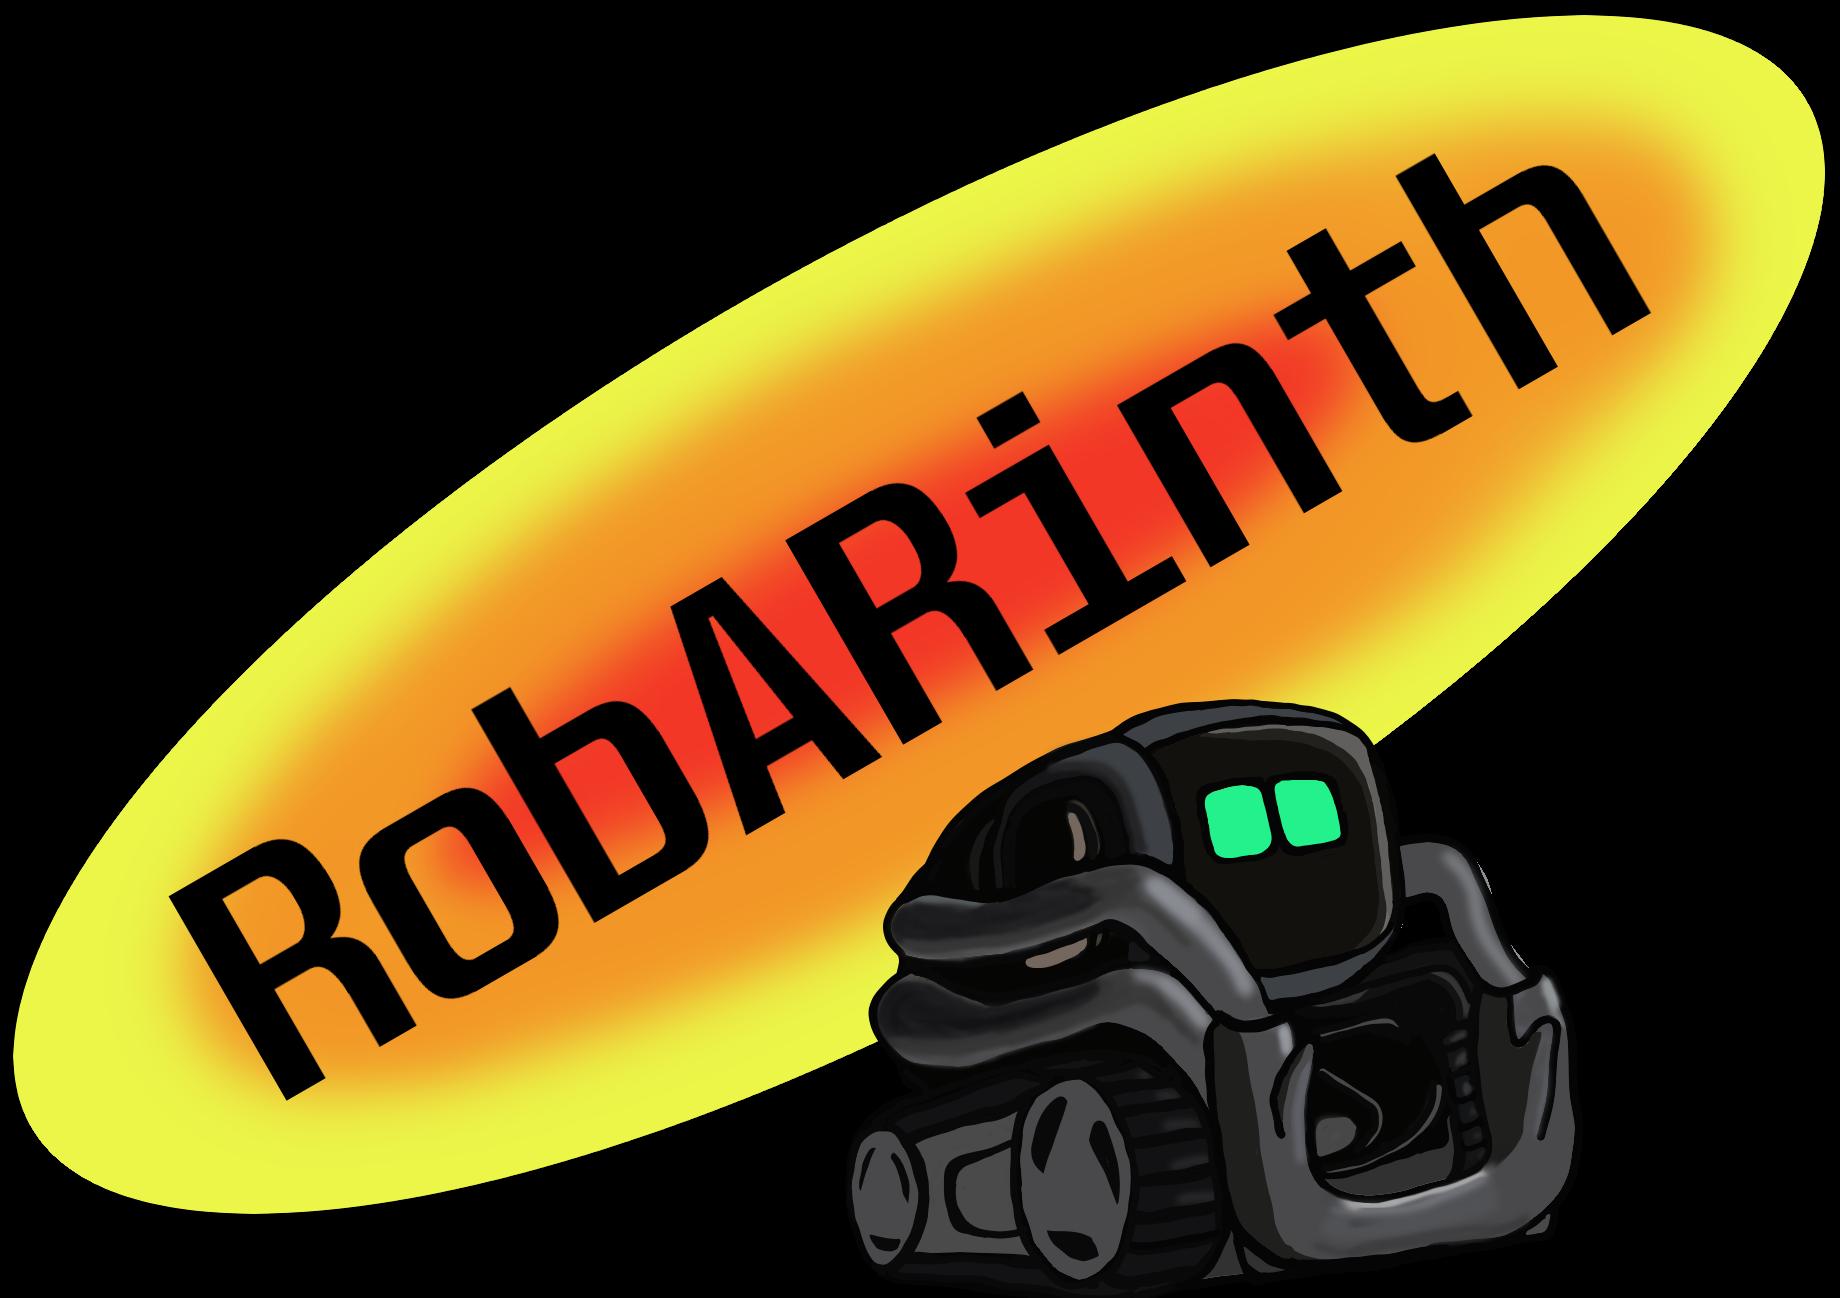 RobARinth